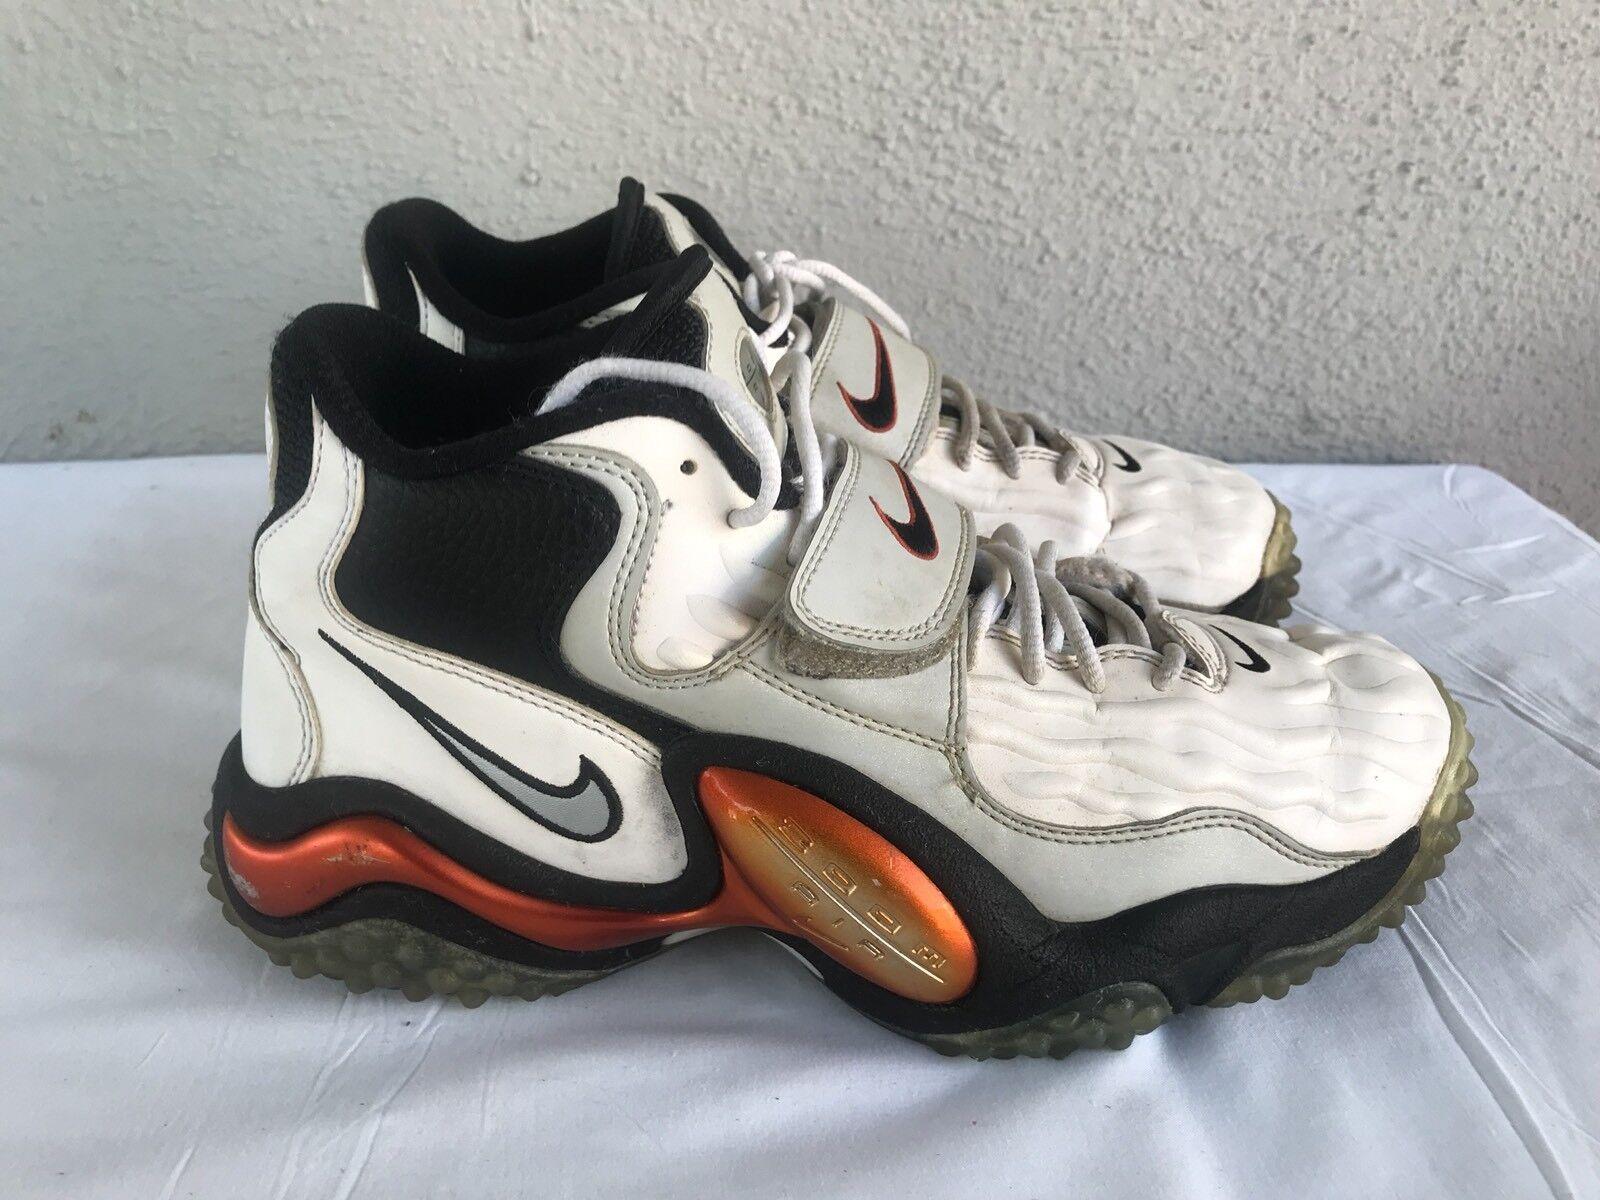 Nike air zoom turf - 97 größe größe größe 8 weiß - schwarz glänzendem kupfer 554989-100 b b43a74